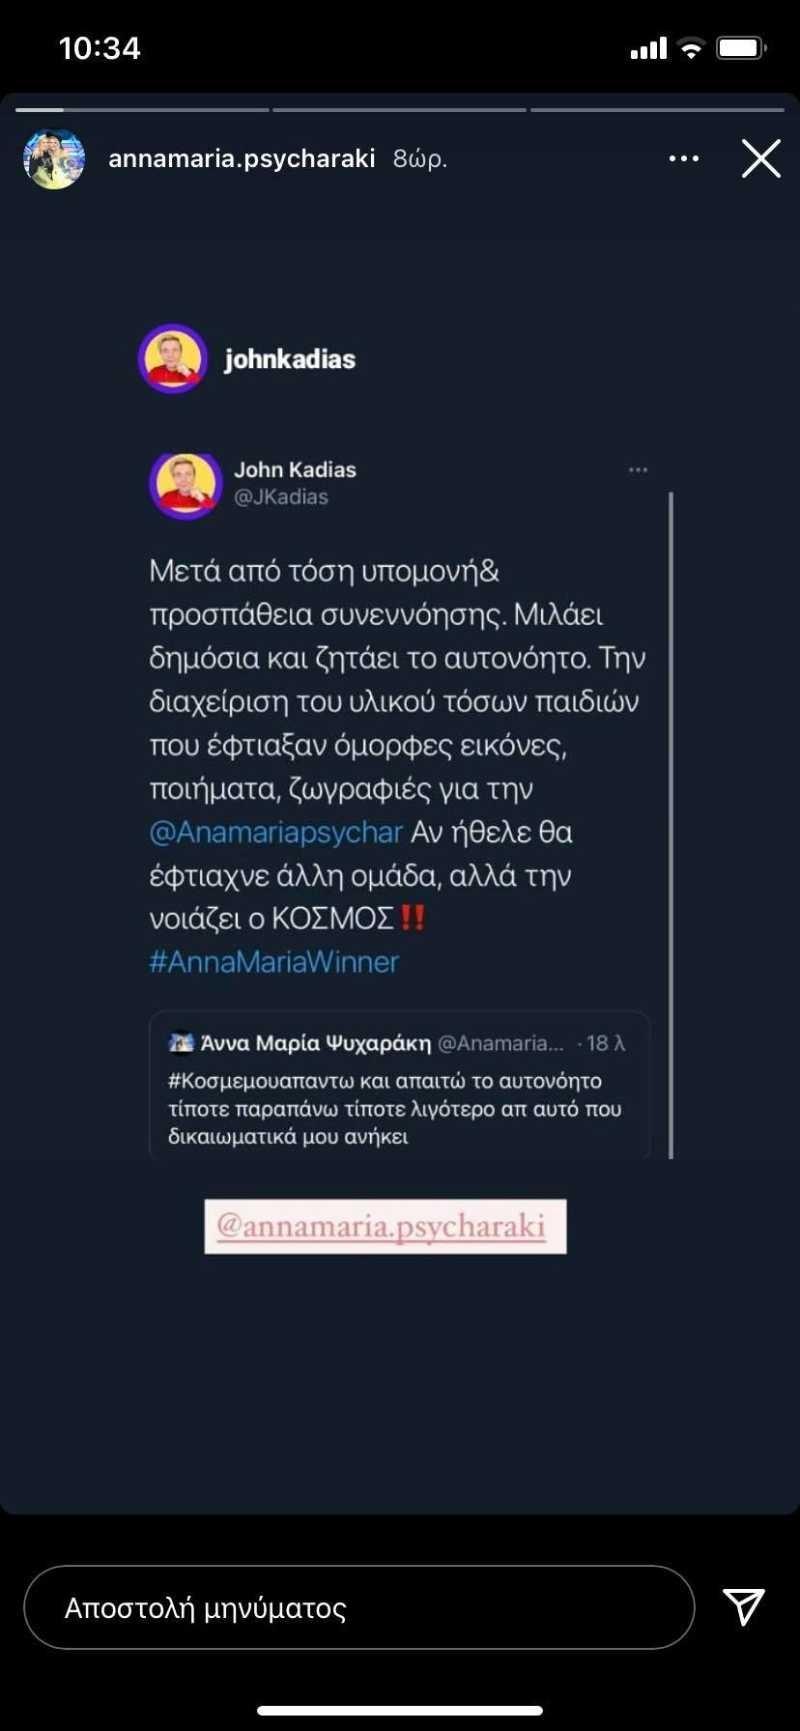 Άννα Μαρία Ψυχαράκη fan club